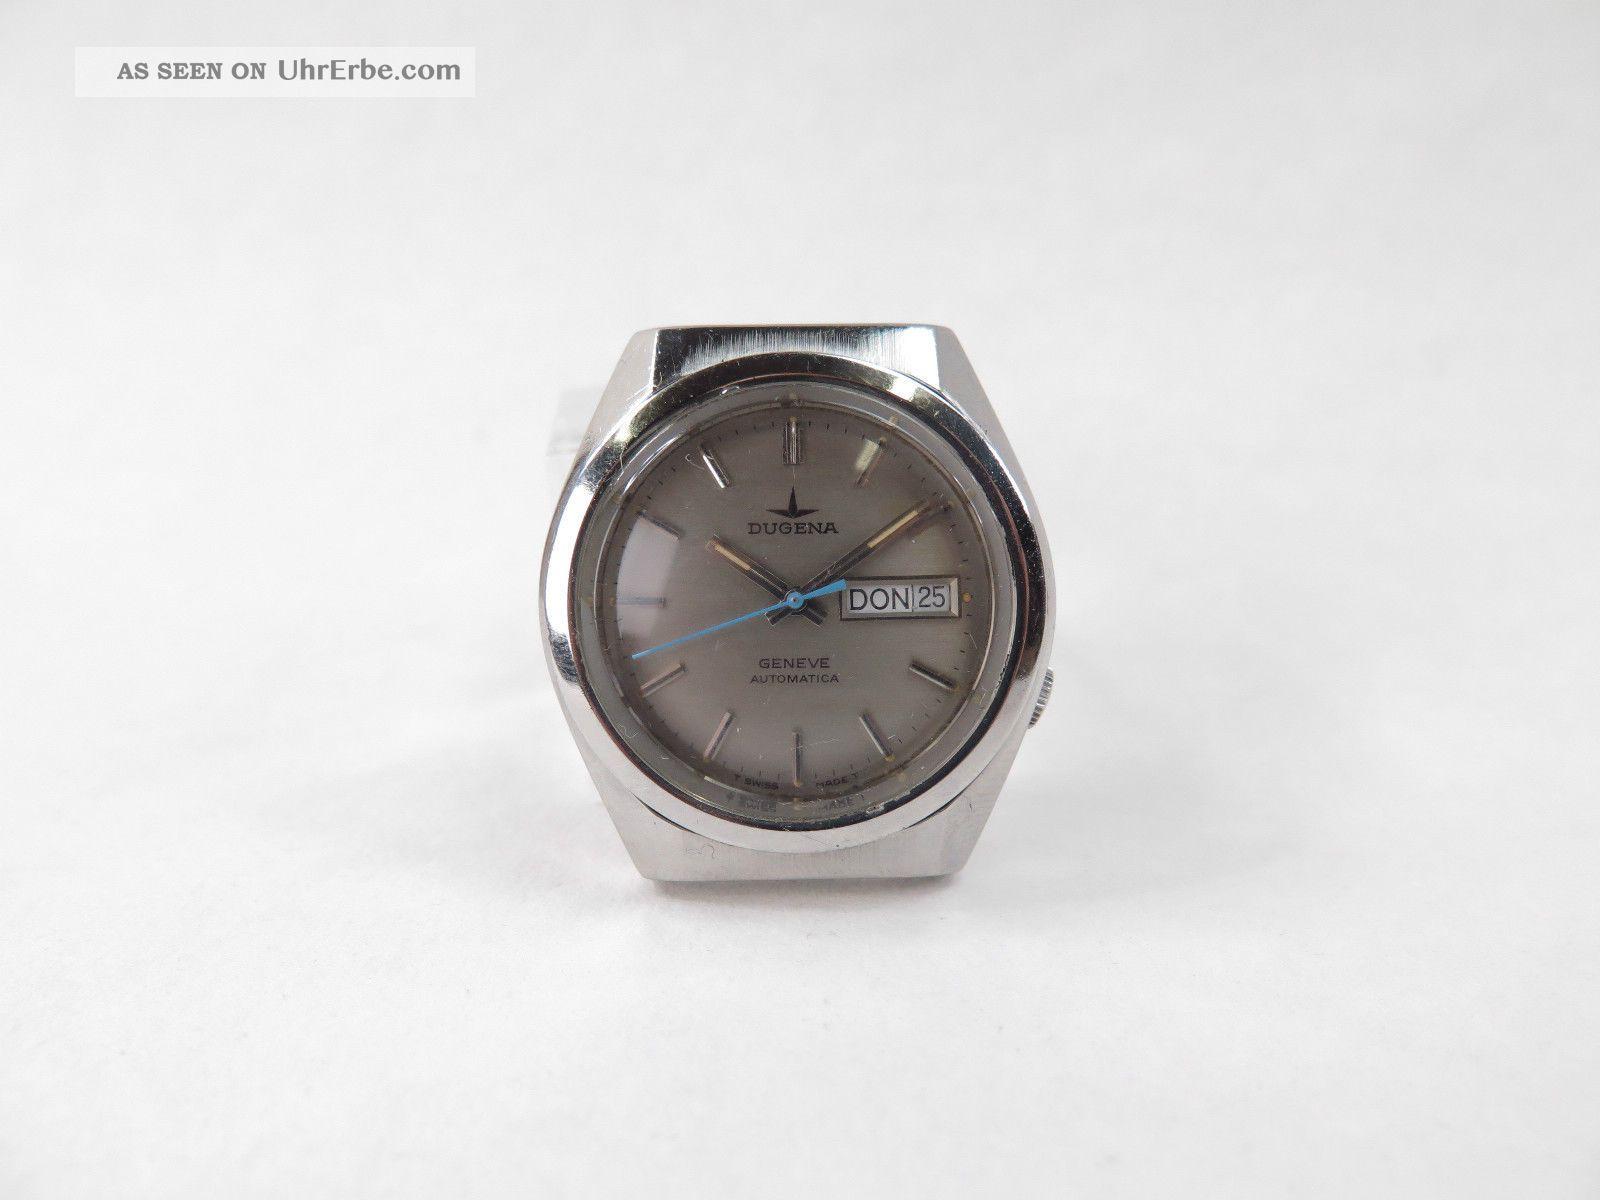 Dugena Eta 2789 Geneve Automatic Armbanduhr Armbanduhren Bild